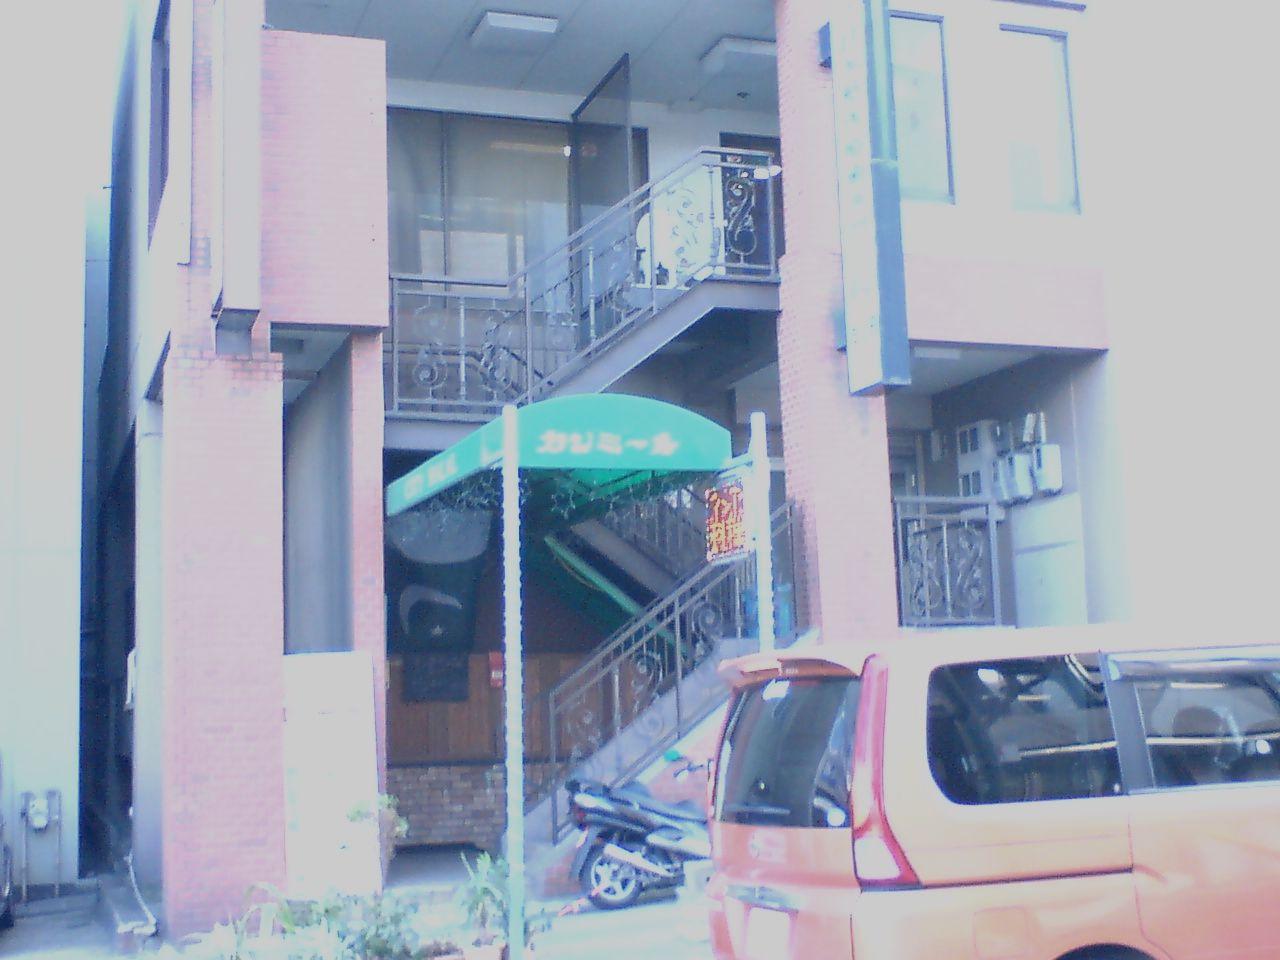 カシミール 金山店